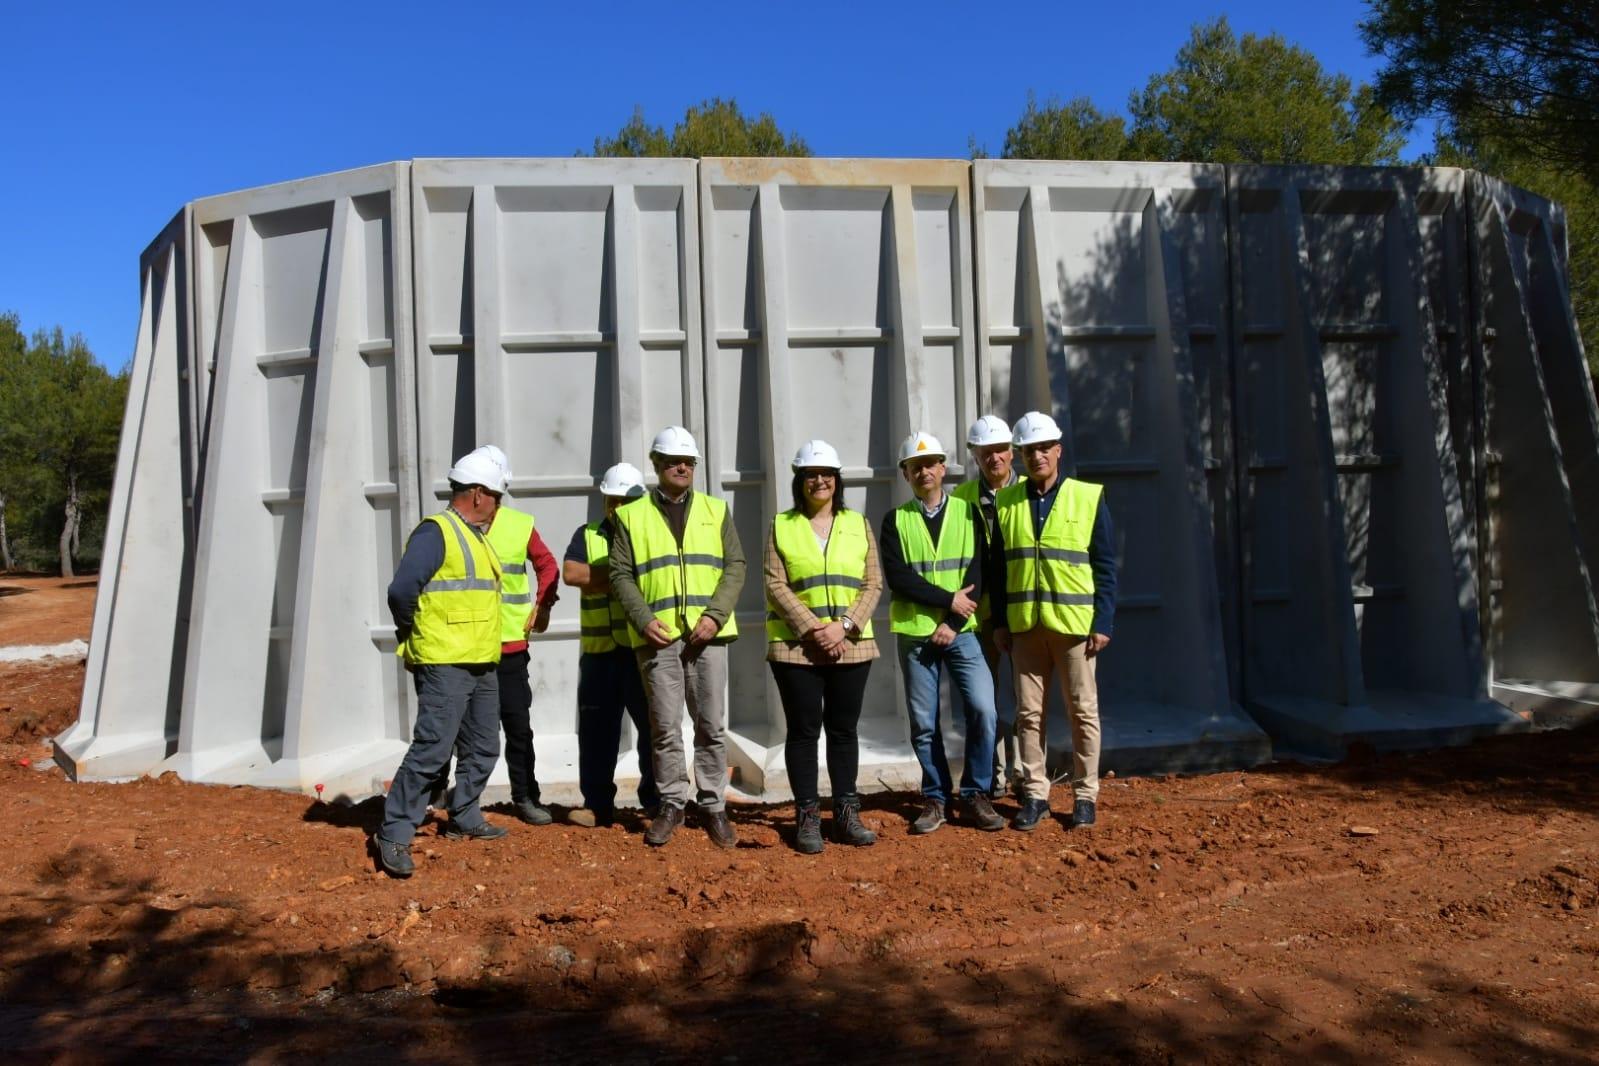 Continúan las obras de construcción del depósito de agua contra incendios en el Llano de la Perdiz